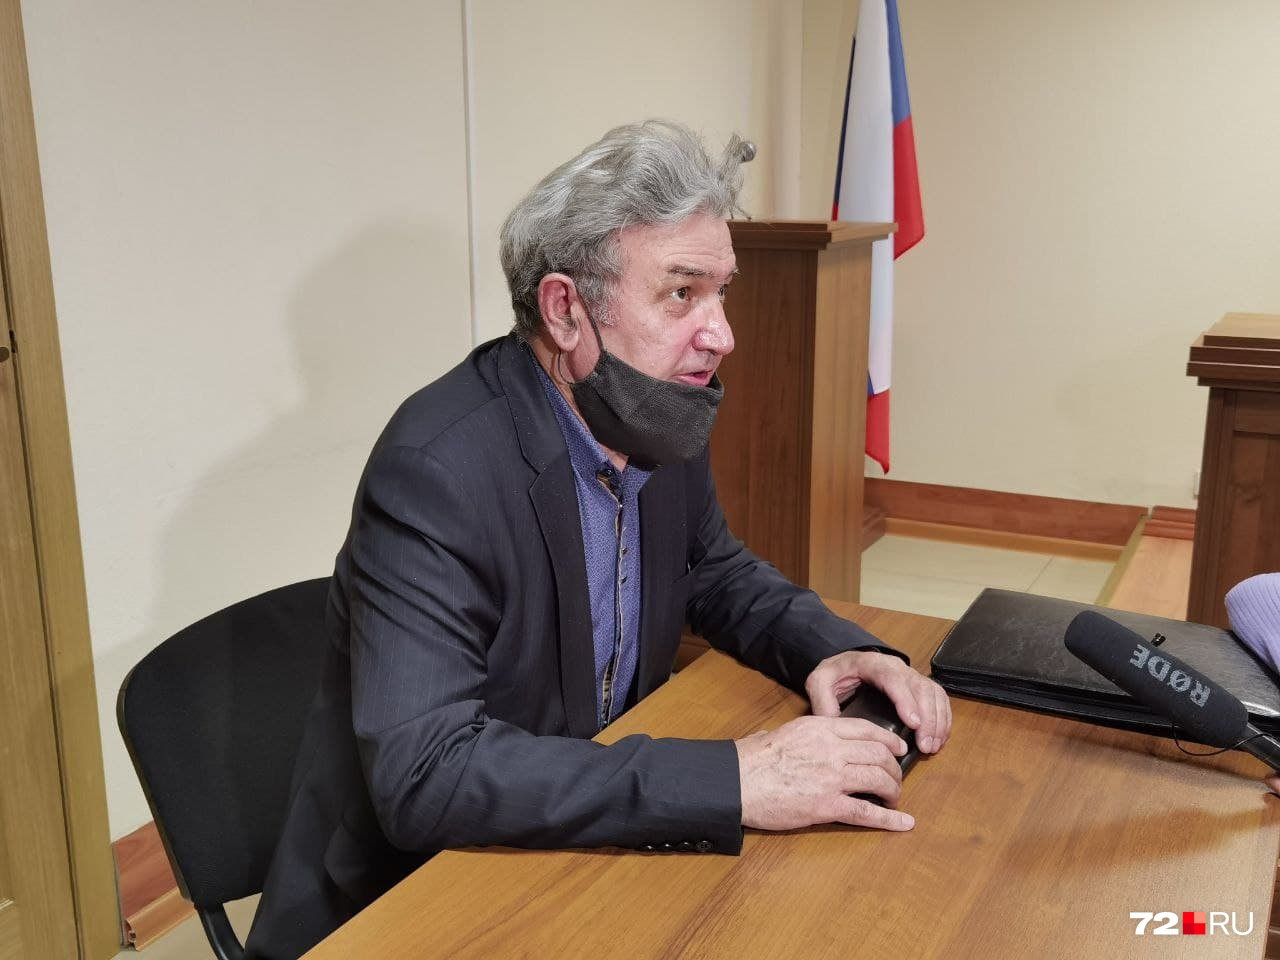 Еще один адвокат Рамиля Шамсутдинова (третий) Лев Асауленко намерен обжаловать приговор